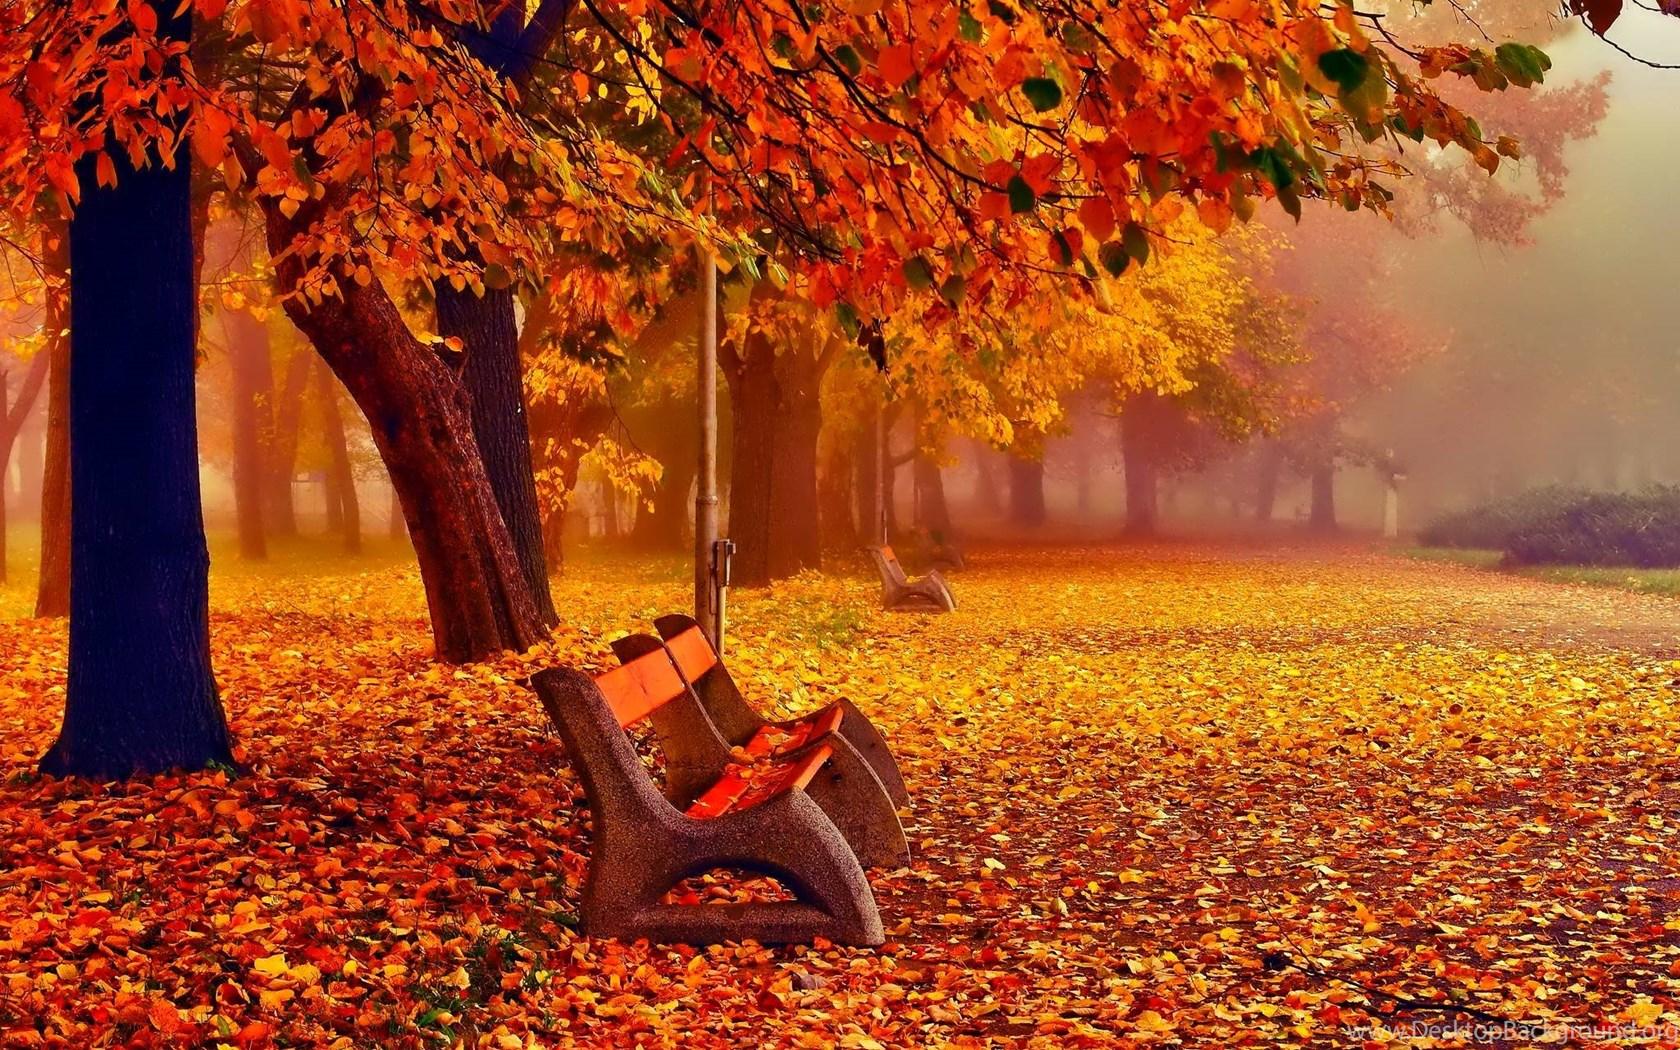 autumn fall wallpapers november desktop background. Black Bedroom Furniture Sets. Home Design Ideas